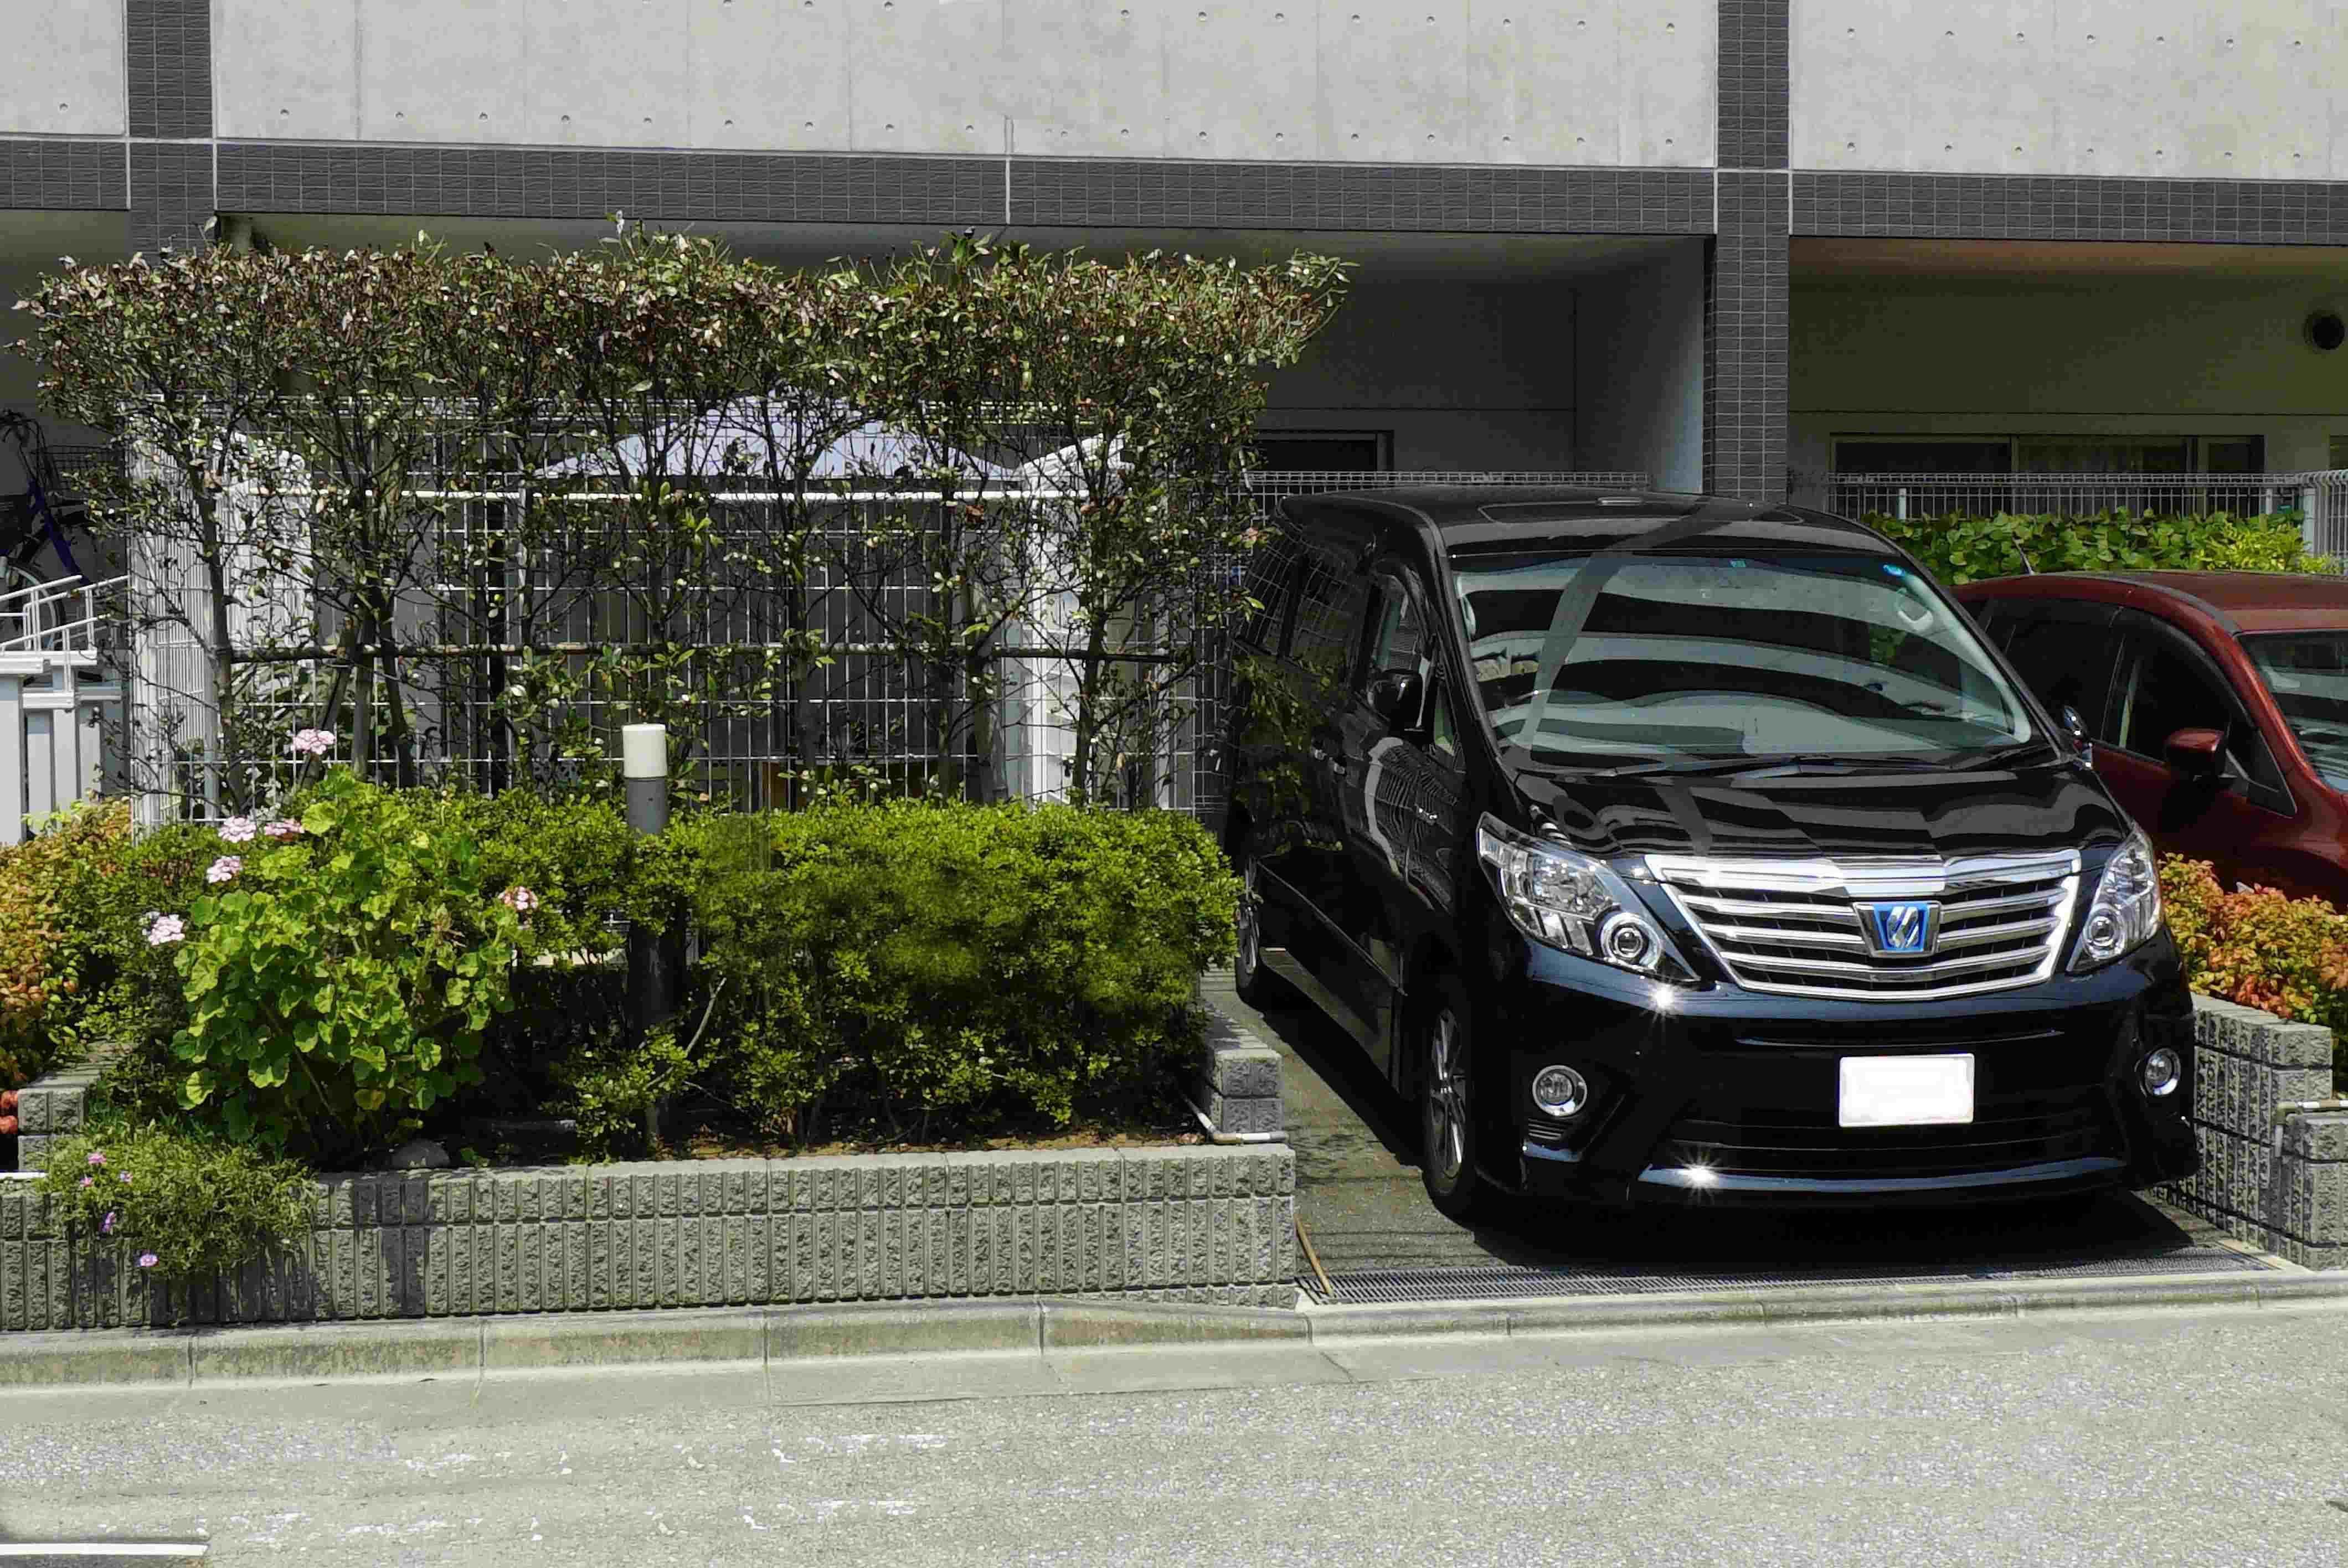 オーナーズガーデンに隣接した車高の高い車も入る専用駐車場付き(1台) イメージ